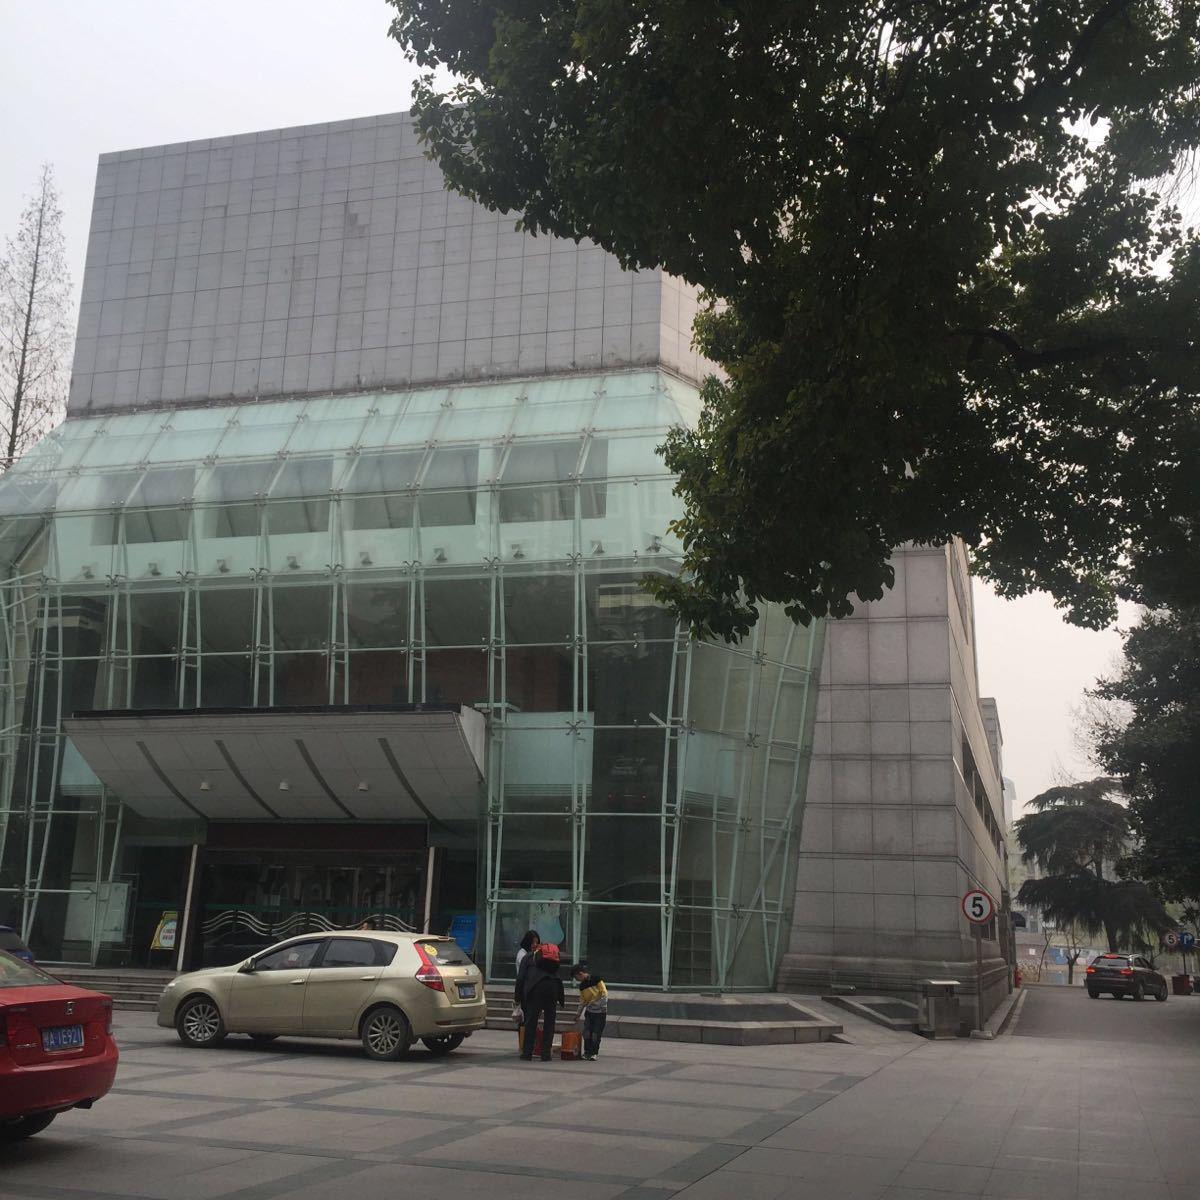 贝加尔湖畔 合唱谱 武汉音乐学院